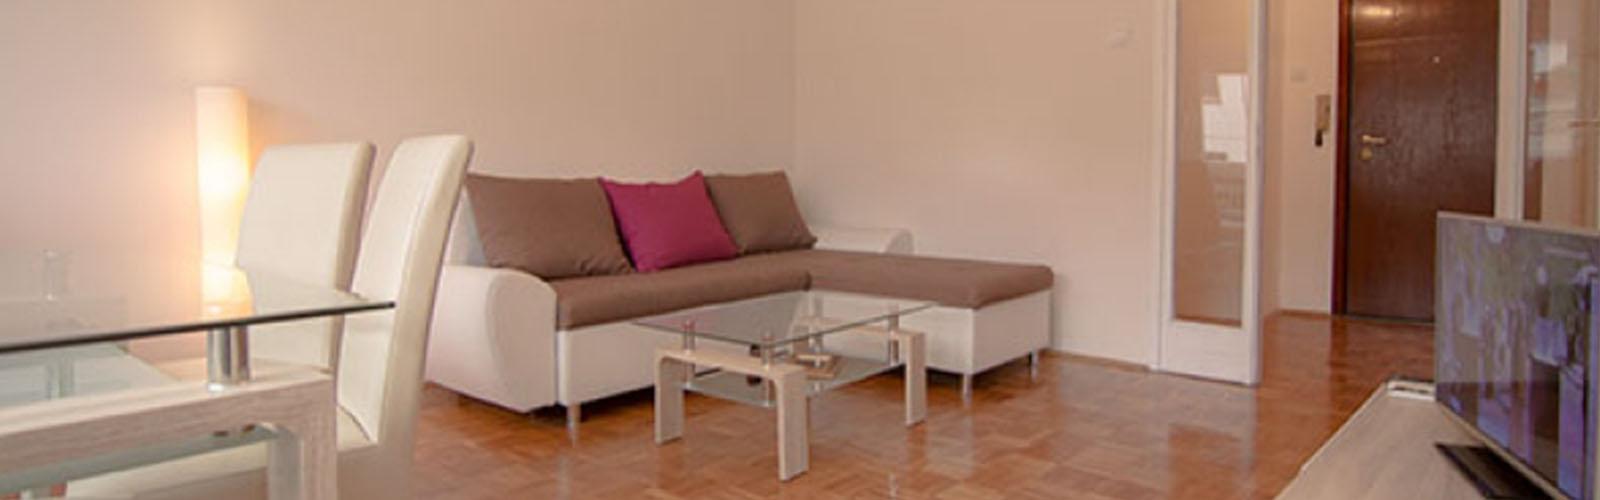 Concierge Belgrade | Apartman Delta Top 112